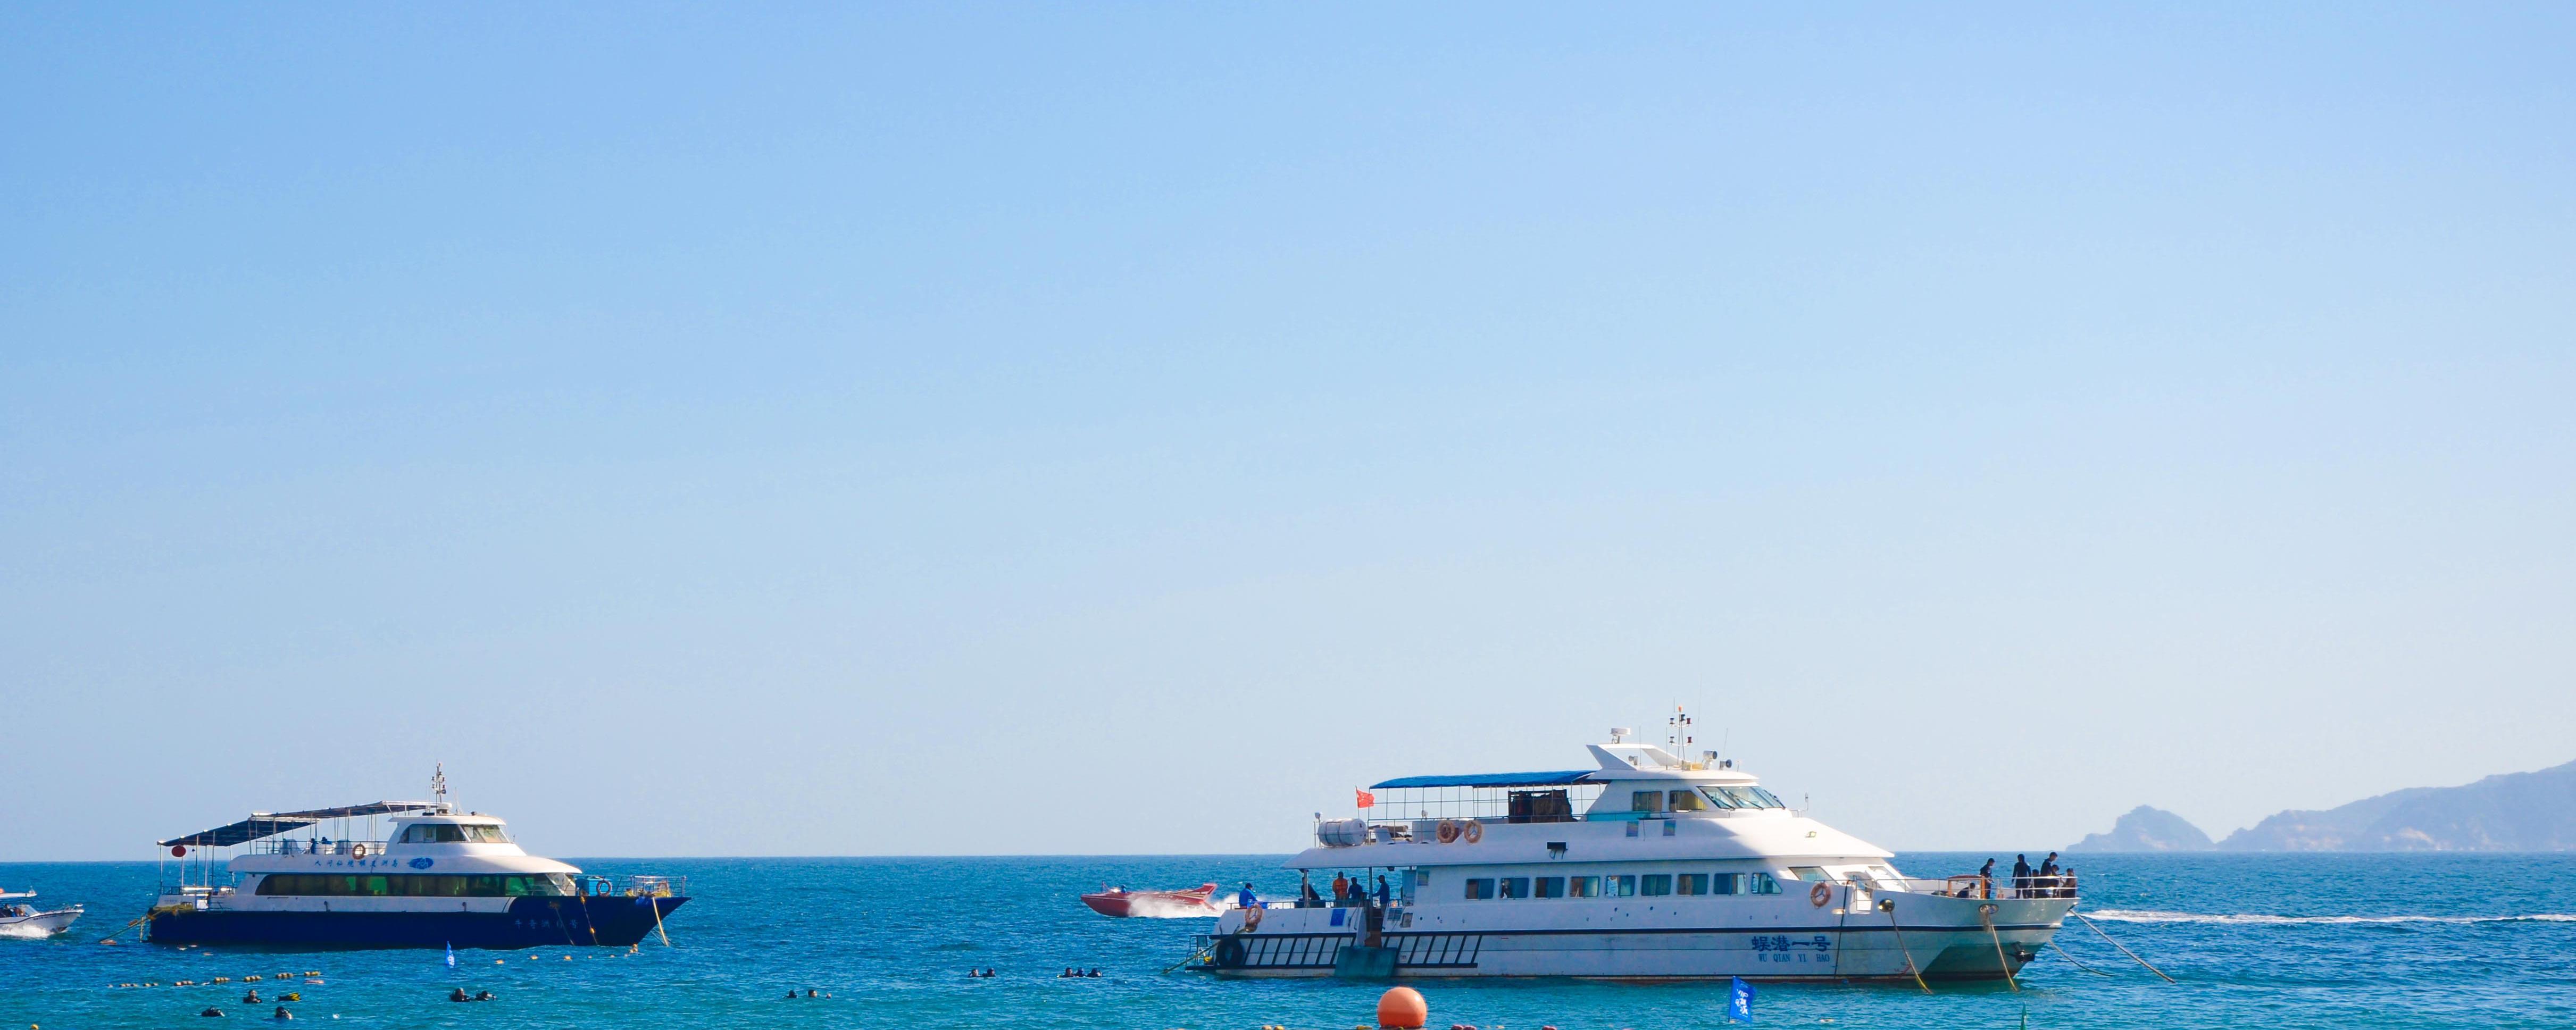 邮轮初体验(行走在美国迈阿密、罗德岱堡、巴哈马拿骚)